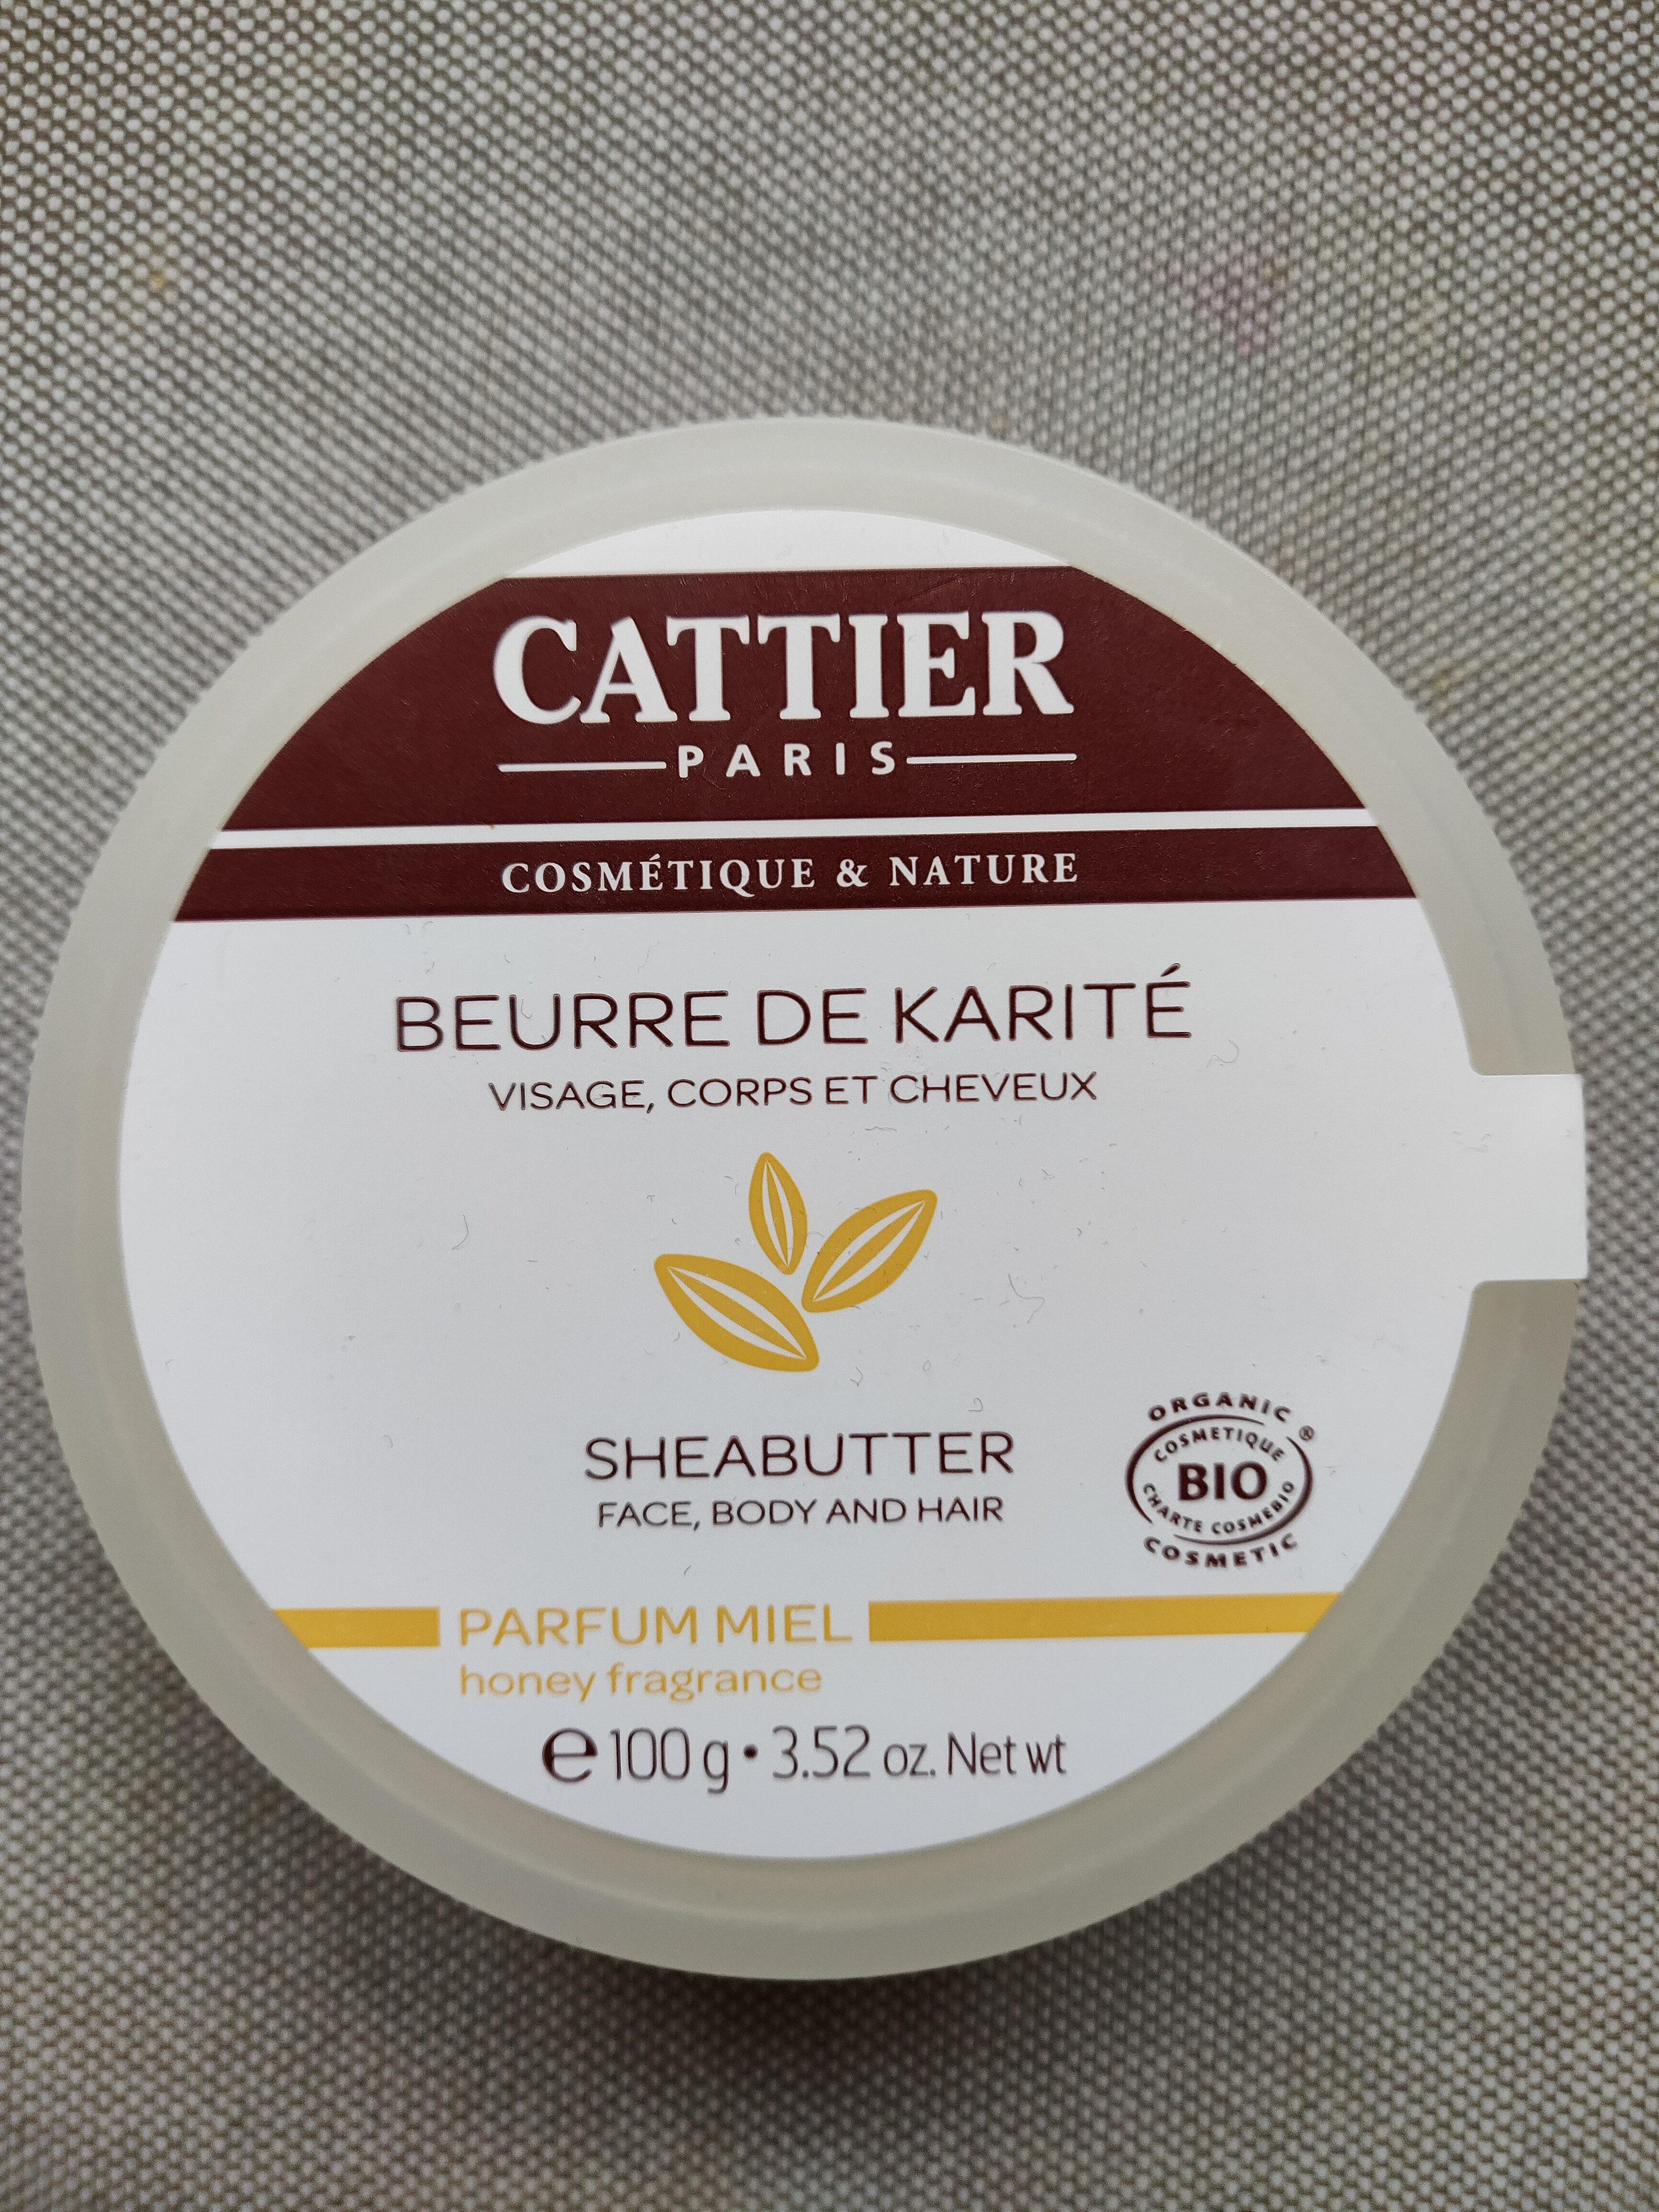 Beurre De Karité Parfum Miel Bio - 100 G - Cattier - Product - en